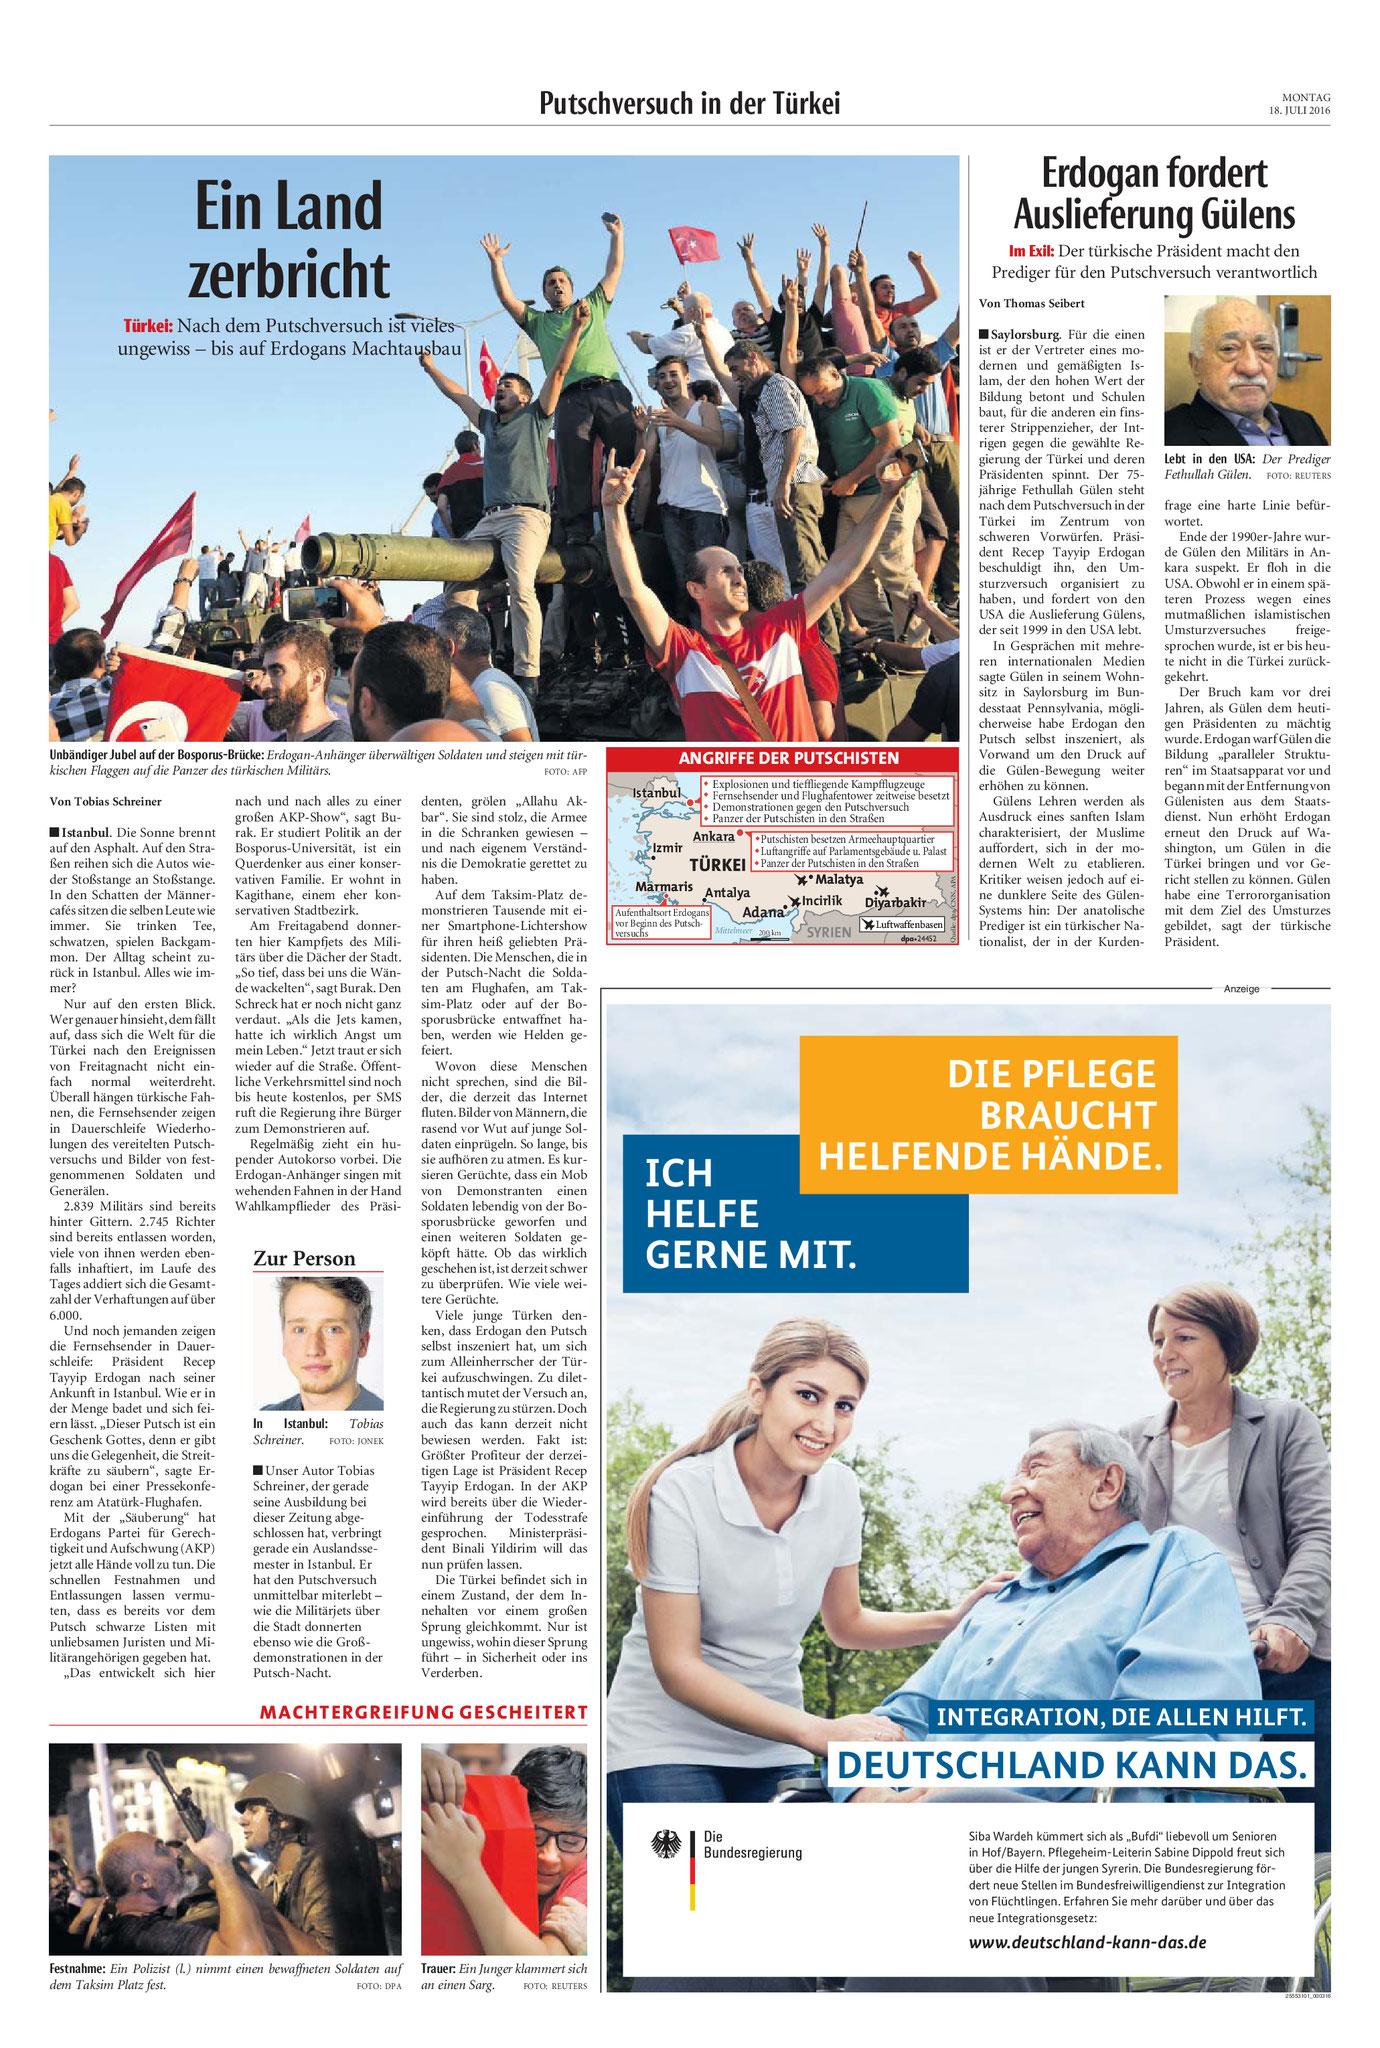 Neue Westfälische, [18.07.2016].  Texte und Fotos aus der Neuen Westfälischen sind urheberrechtlich geschützt.  Weiterverwendung nur mit schriftlicher Genehmigung der Redaktion.